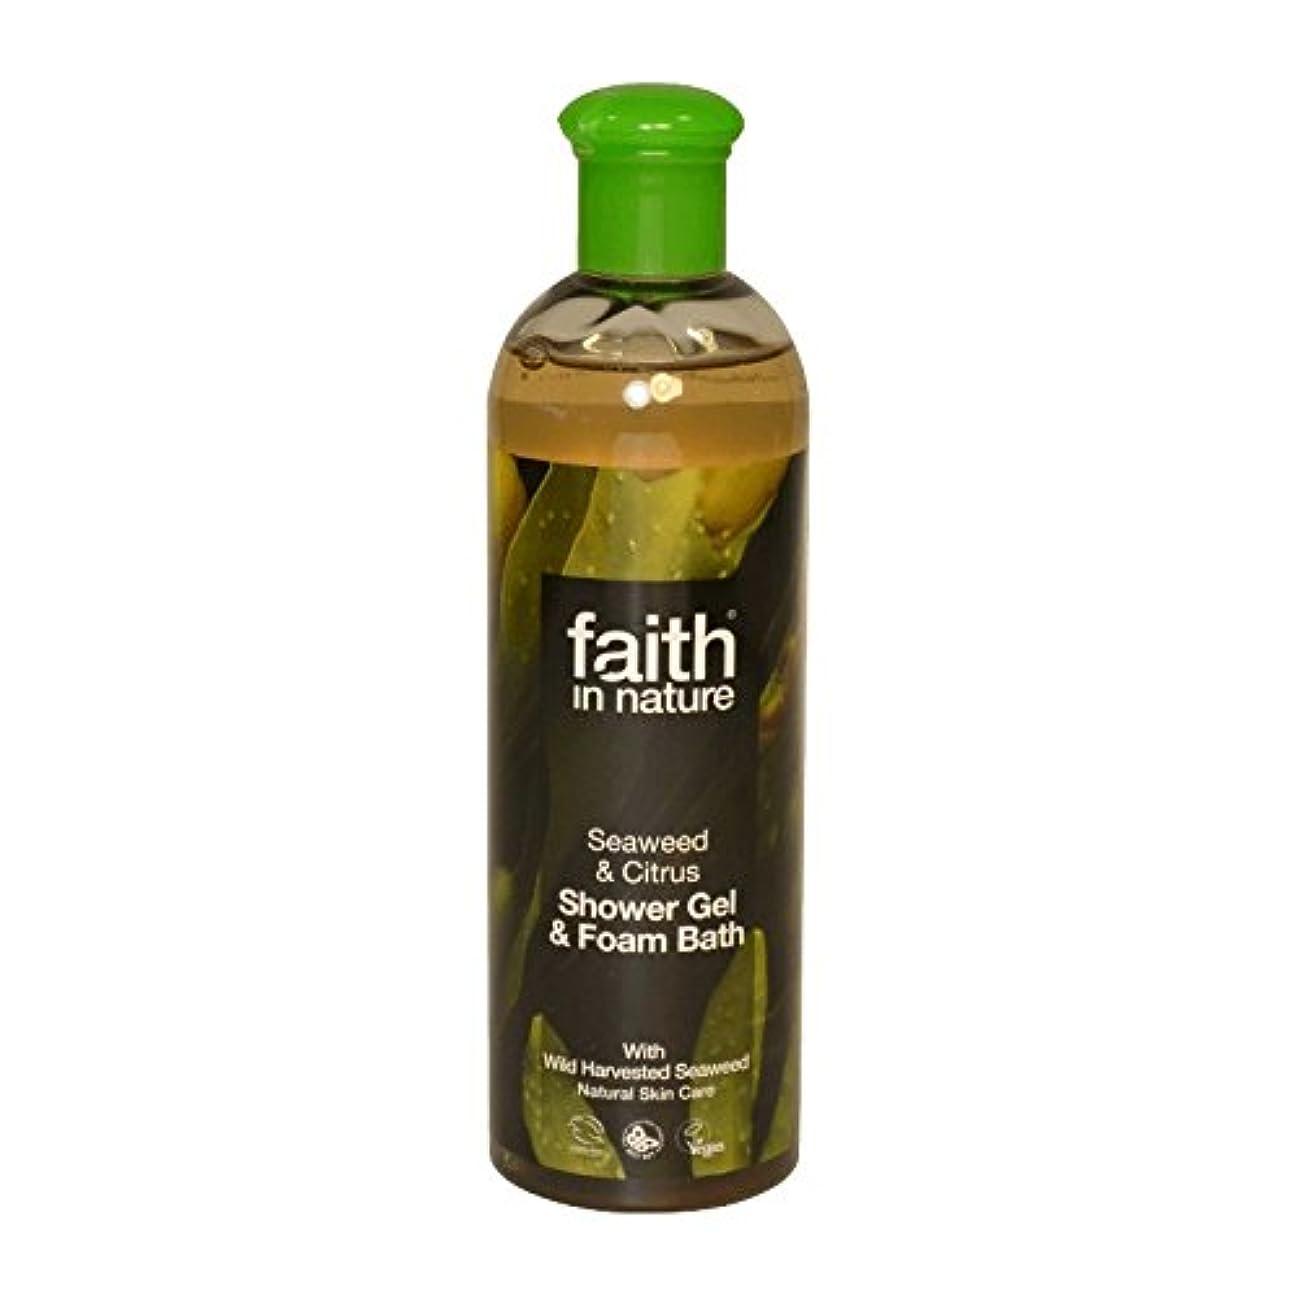 セブンクック評価Faith in Nature Seaweed & Citrus Shower Gel & Bath Foam 400ml (Pack of 6) - 自然の海藻&シトラスシャワージェル&バス泡400ミリリットルの信仰 (x6) [並行輸入品]